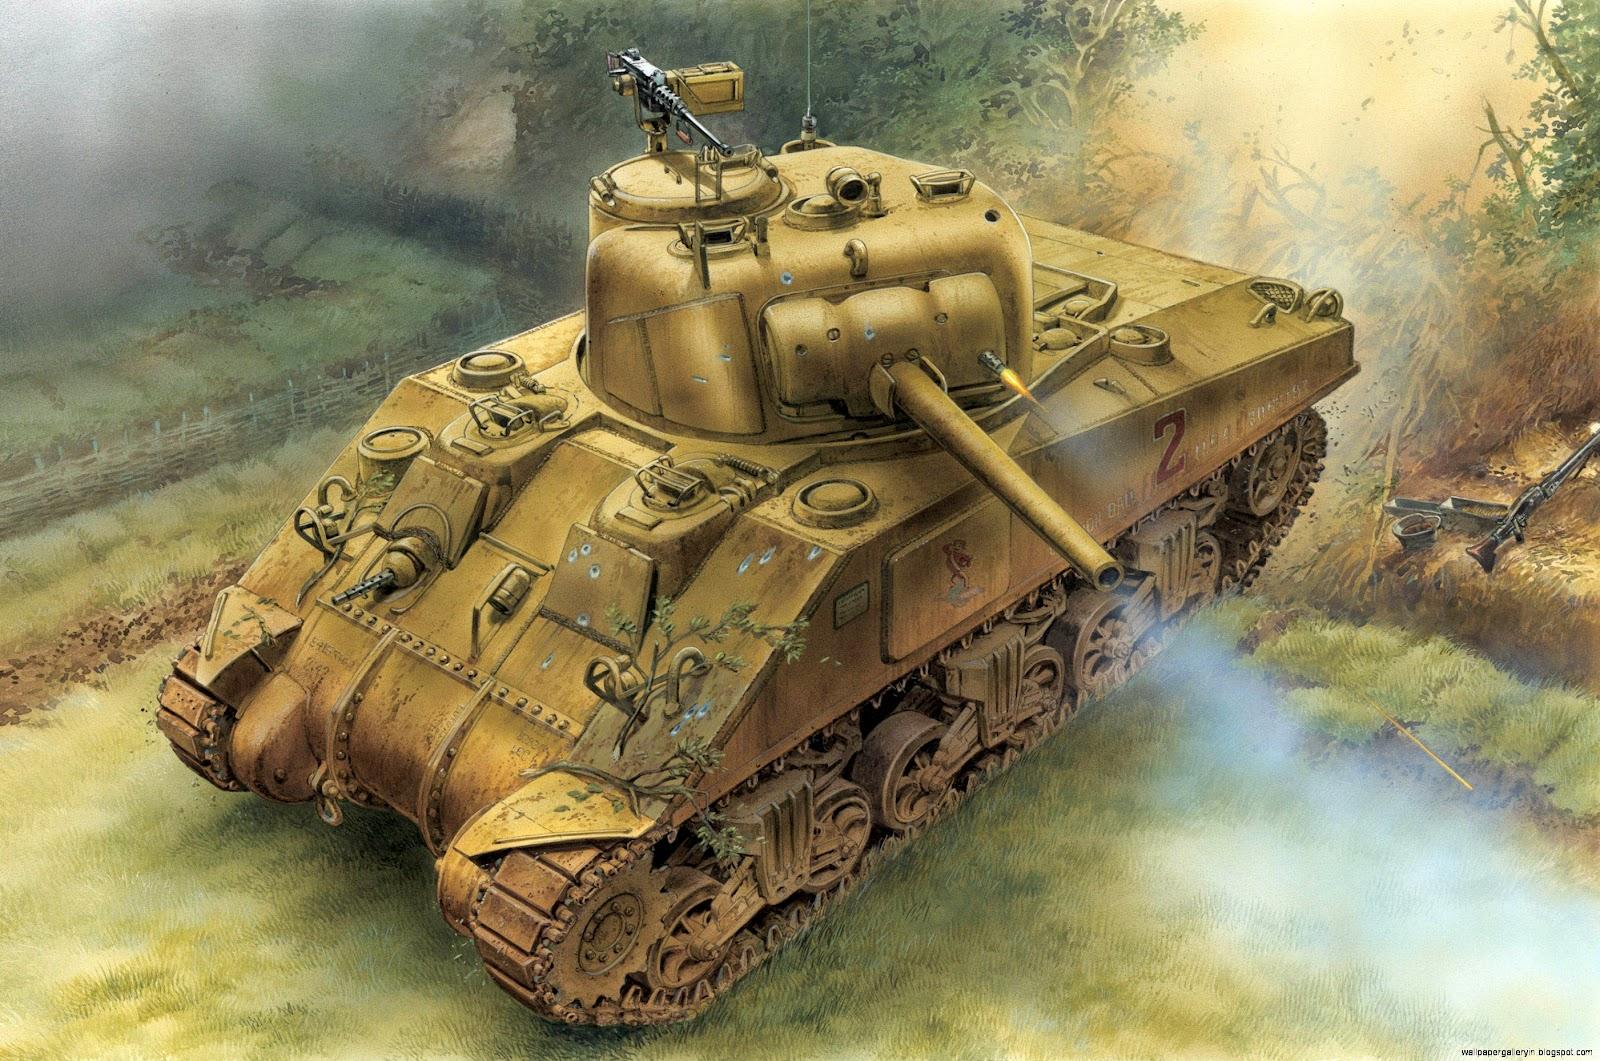 M4 war and army hd wallpaper wallpaper gallery - World war ii wallpaper ...